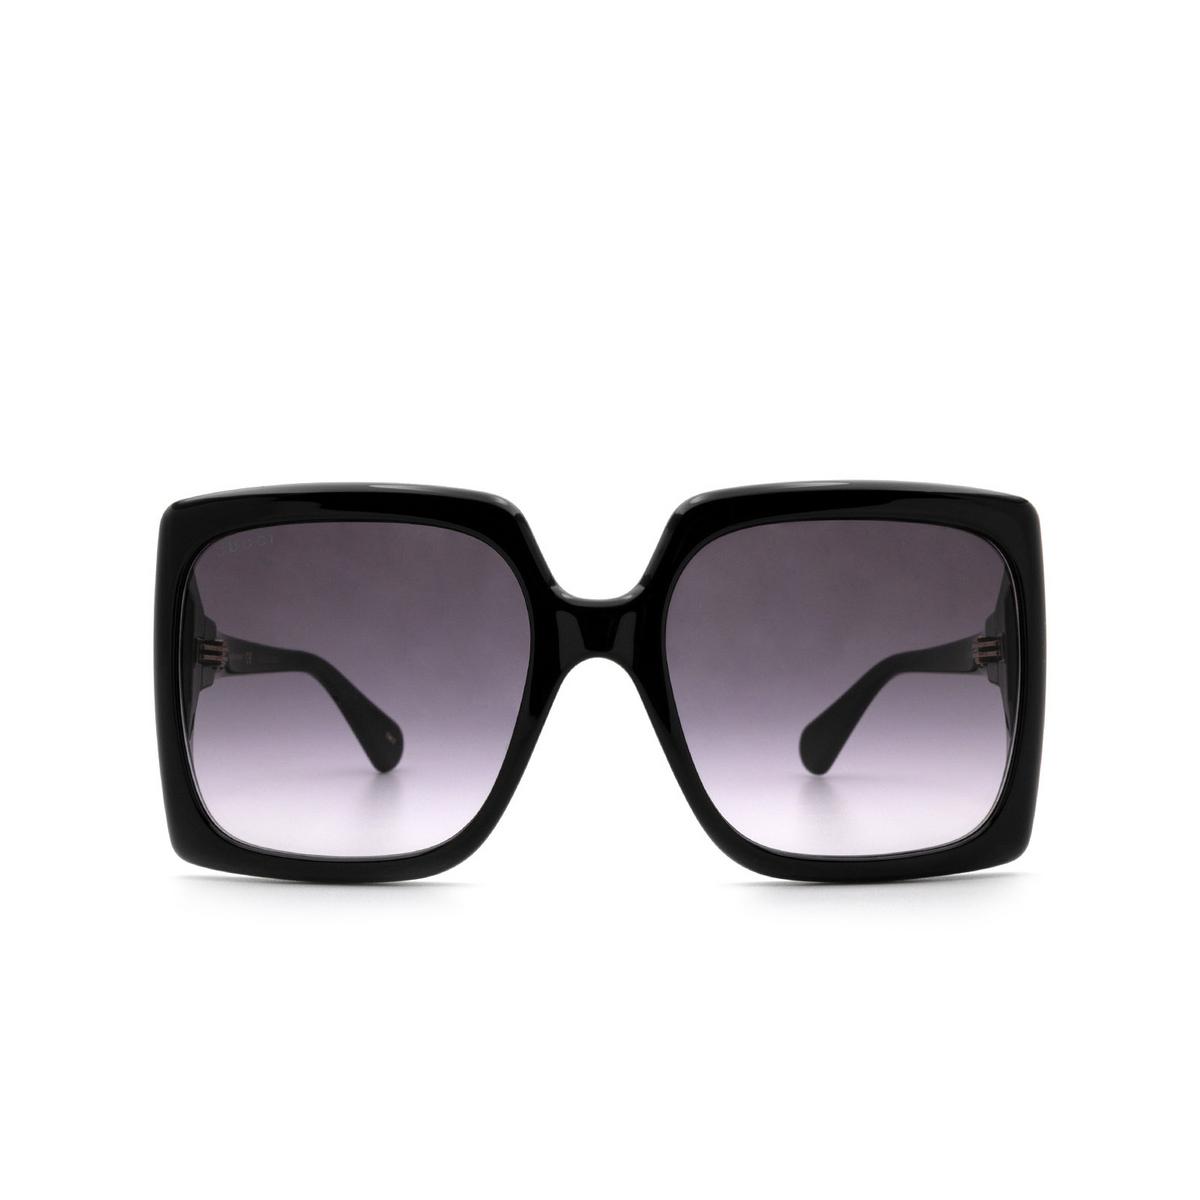 Gucci® Rectangle Sunglasses: GG0876S color Shiny Black 001 - 1/3.